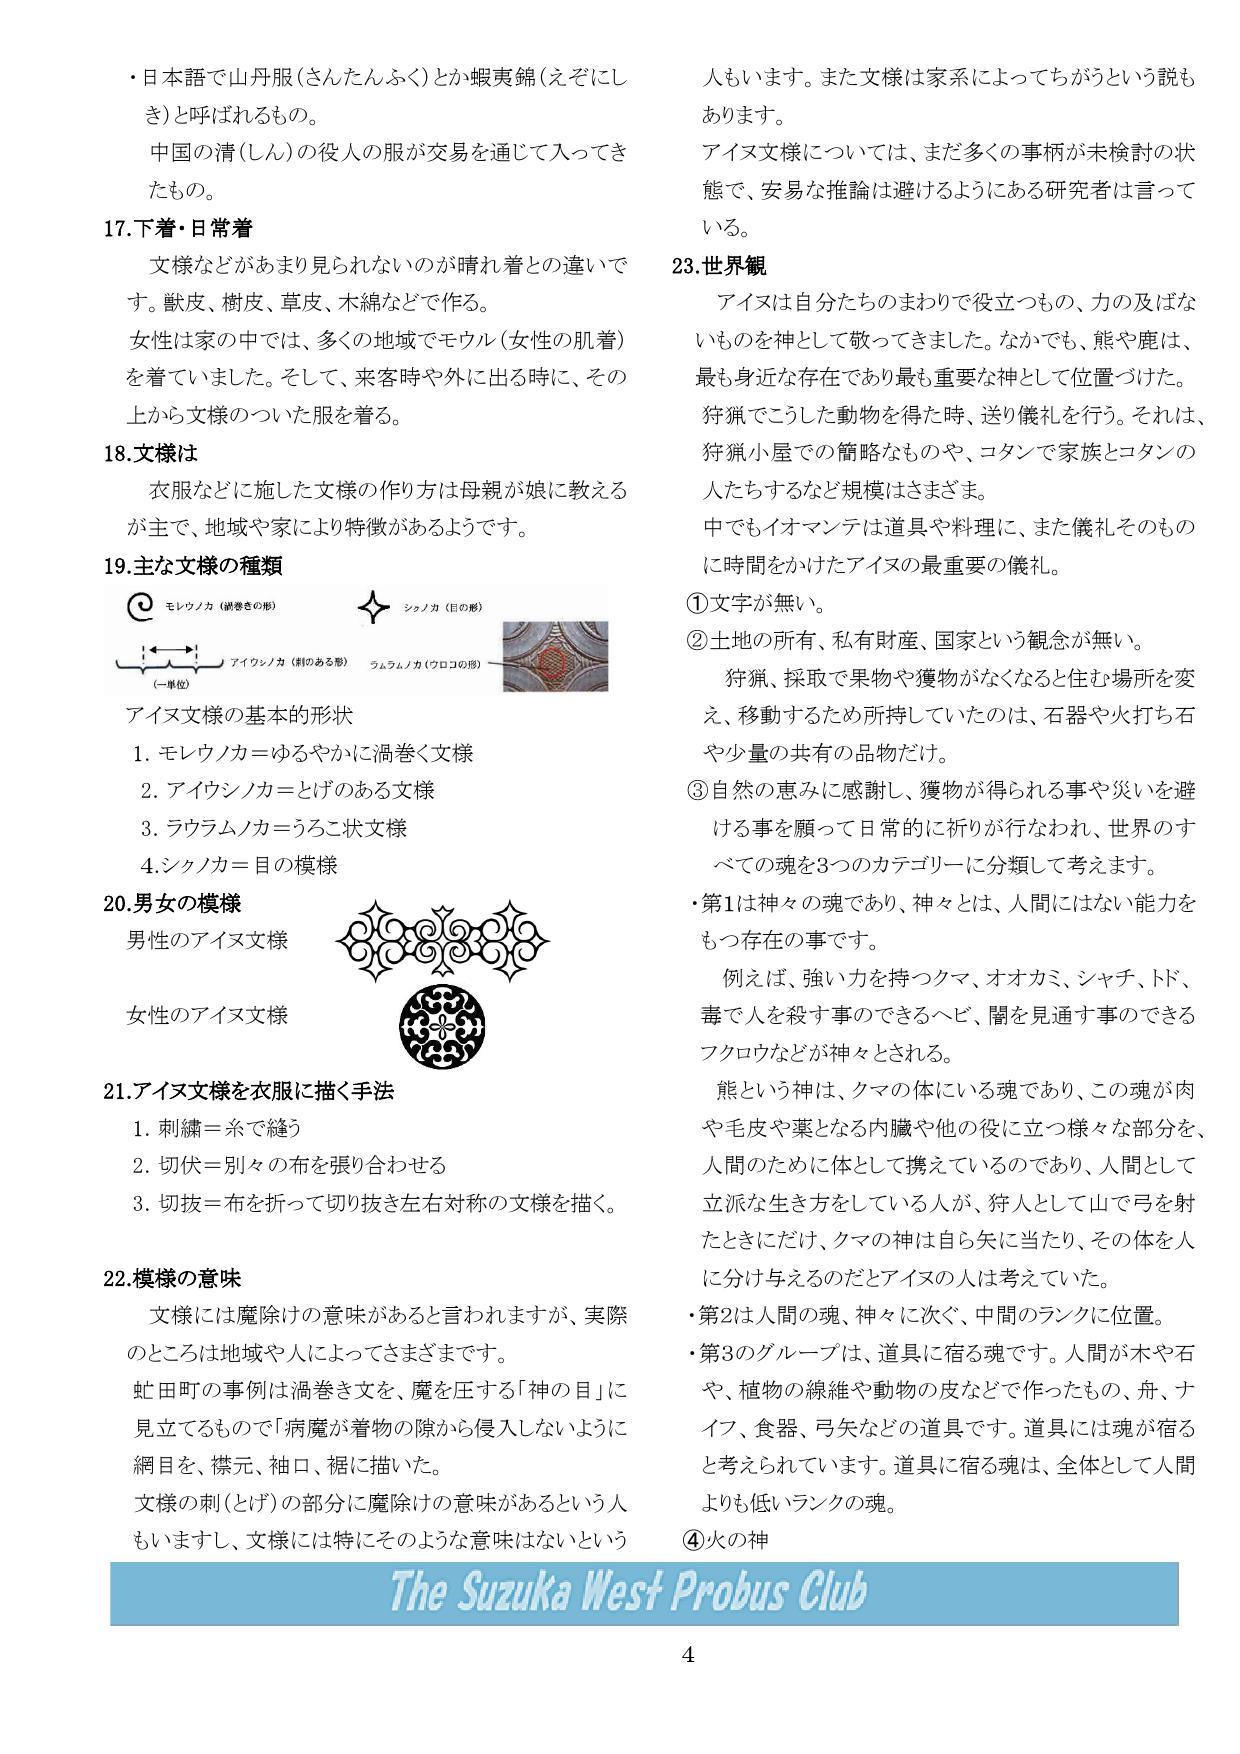 鈴鹿西プロバスクラブ会報 第248号 2021年5月1日_b0000714_10552975.jpg